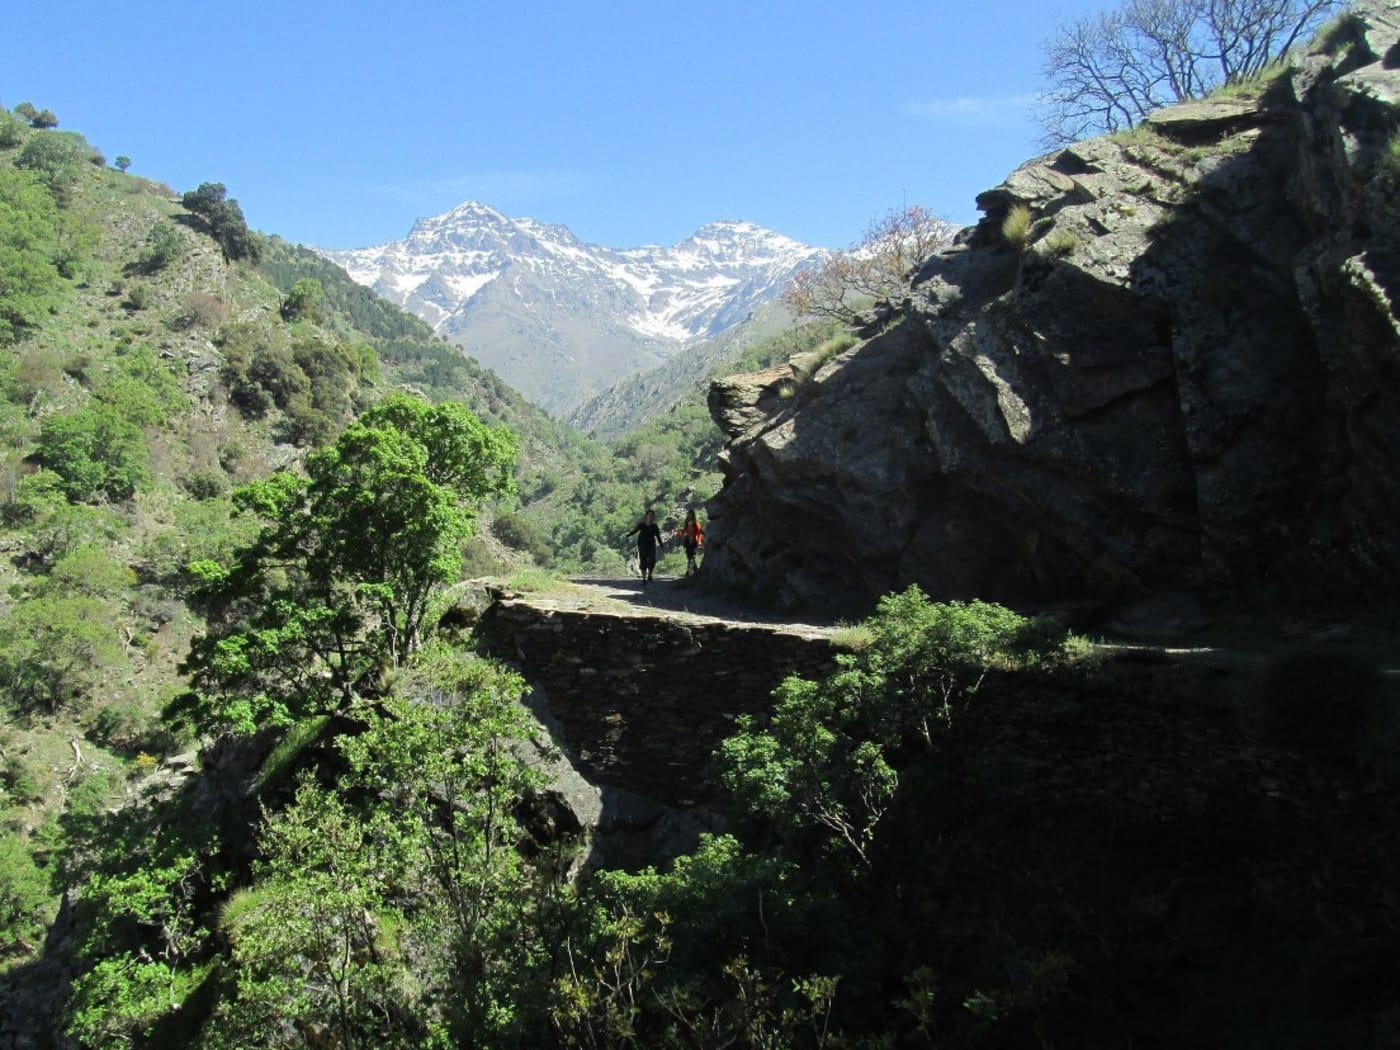 Walking the Vereda de Estrella path